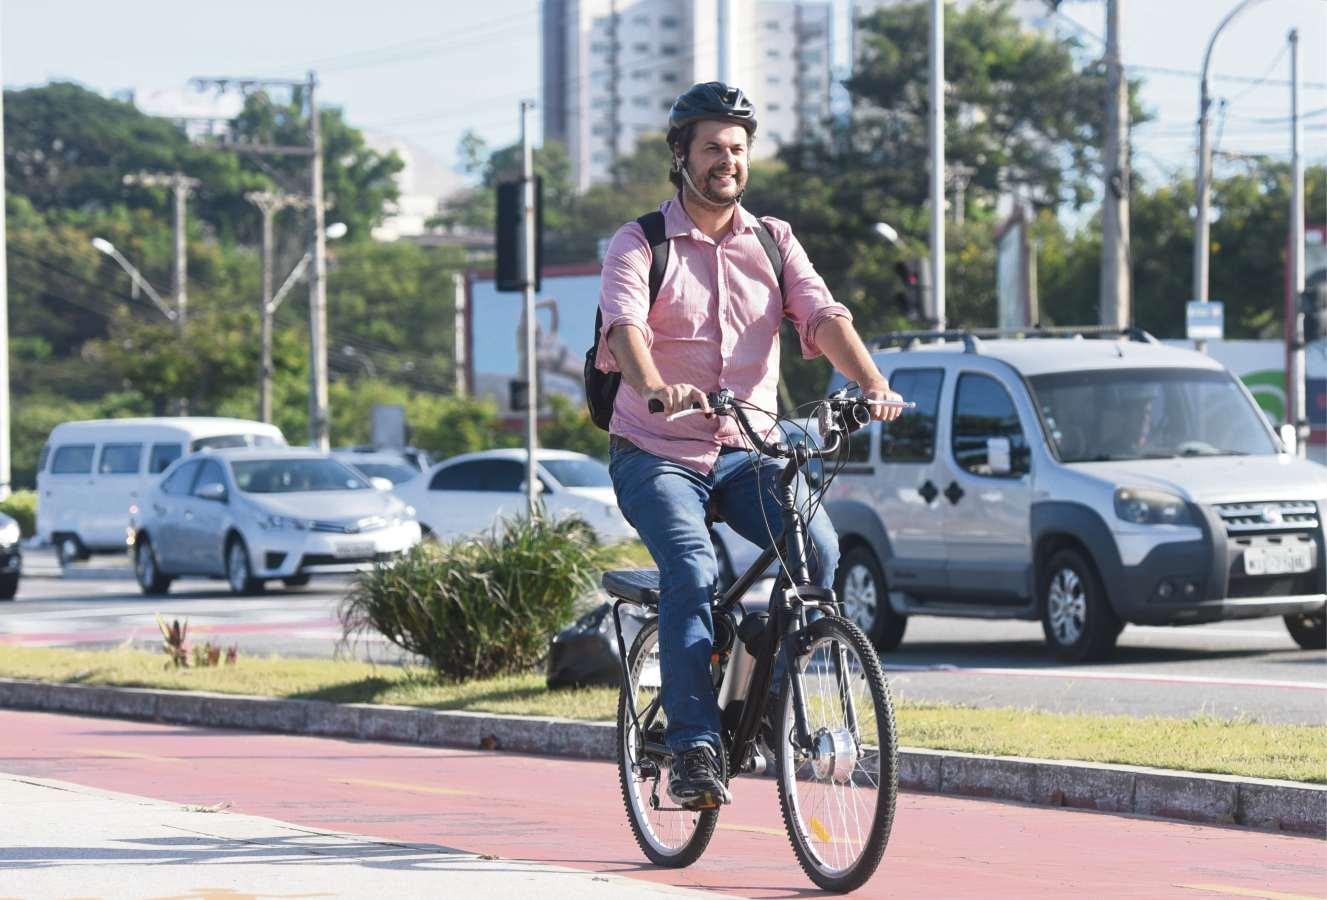 Vitor Lopes, jornalista e músico: ele agora deixa o carro em casa. Crédito: Carlos Alberto Silva